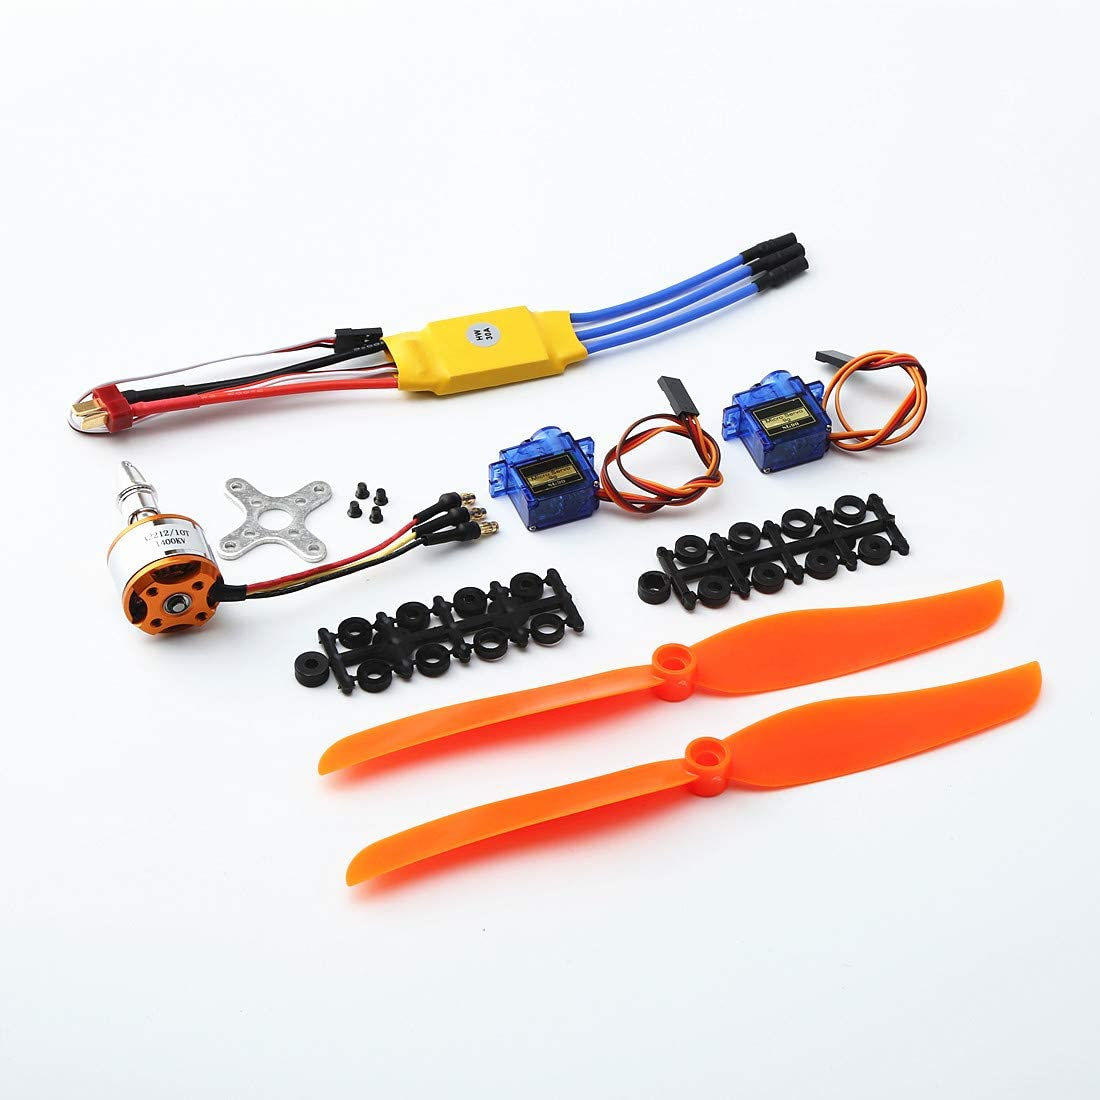 FairOnly A2212 1400KV Moteur Brushless 30A ESC SG90 9G Micro Servo 8060 h/élice pour h/élicopt/ère RC /à voilure Fixe Jouets